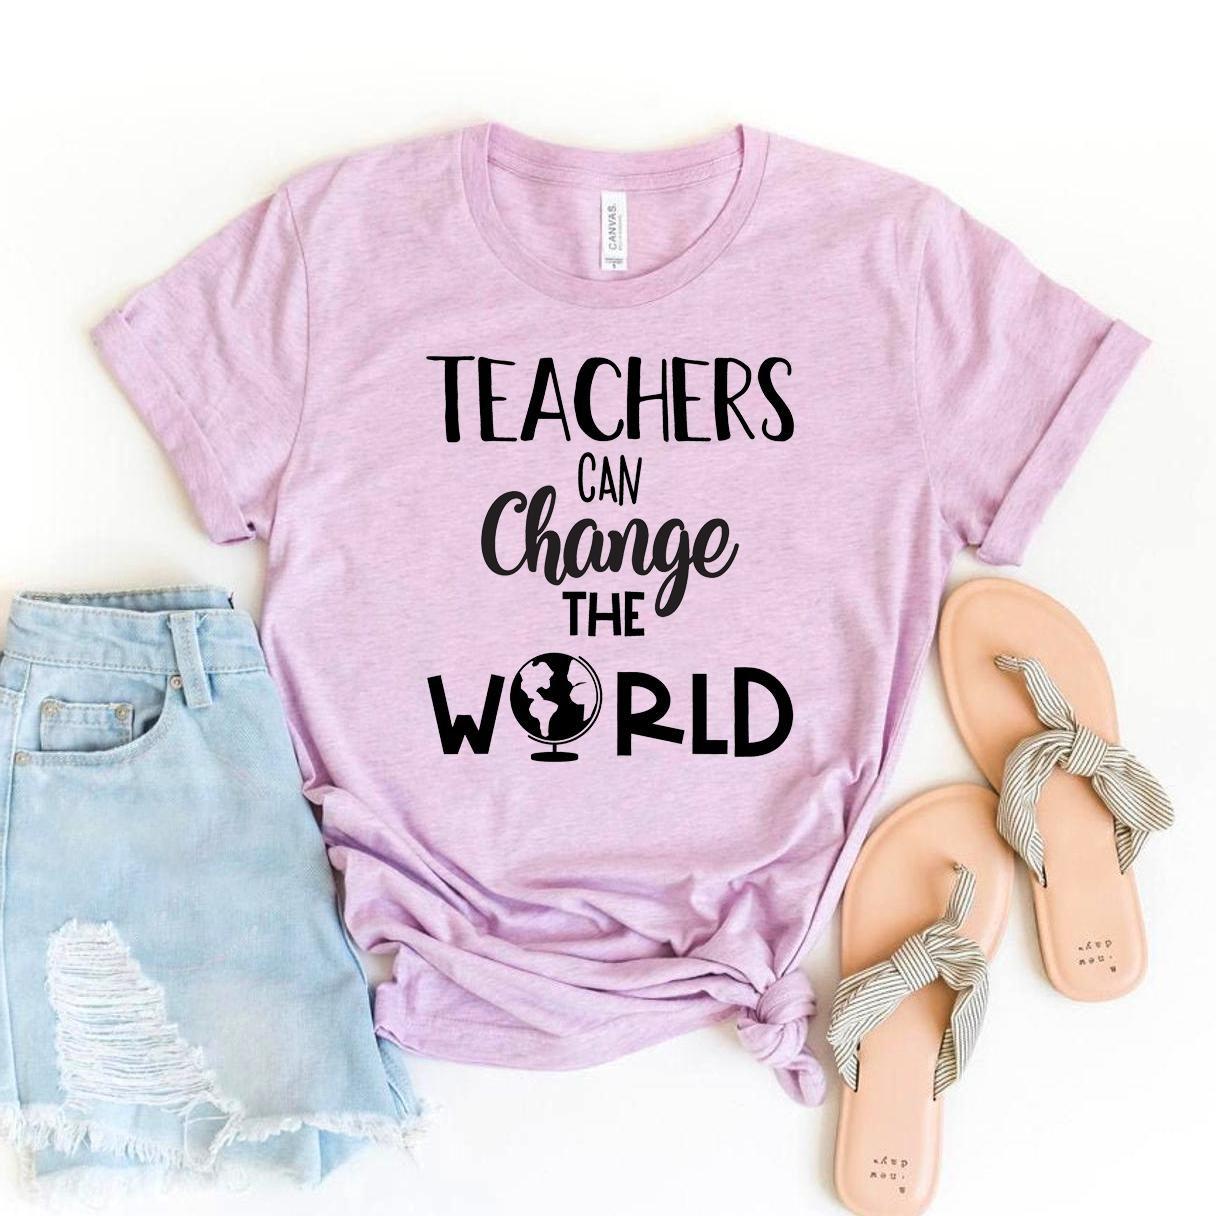 Teachers Can Change The World T-shirt, Teaching Gift, Student Shirts, New Teacher Shirt, School T-shirt, Inspiring Size X-Large